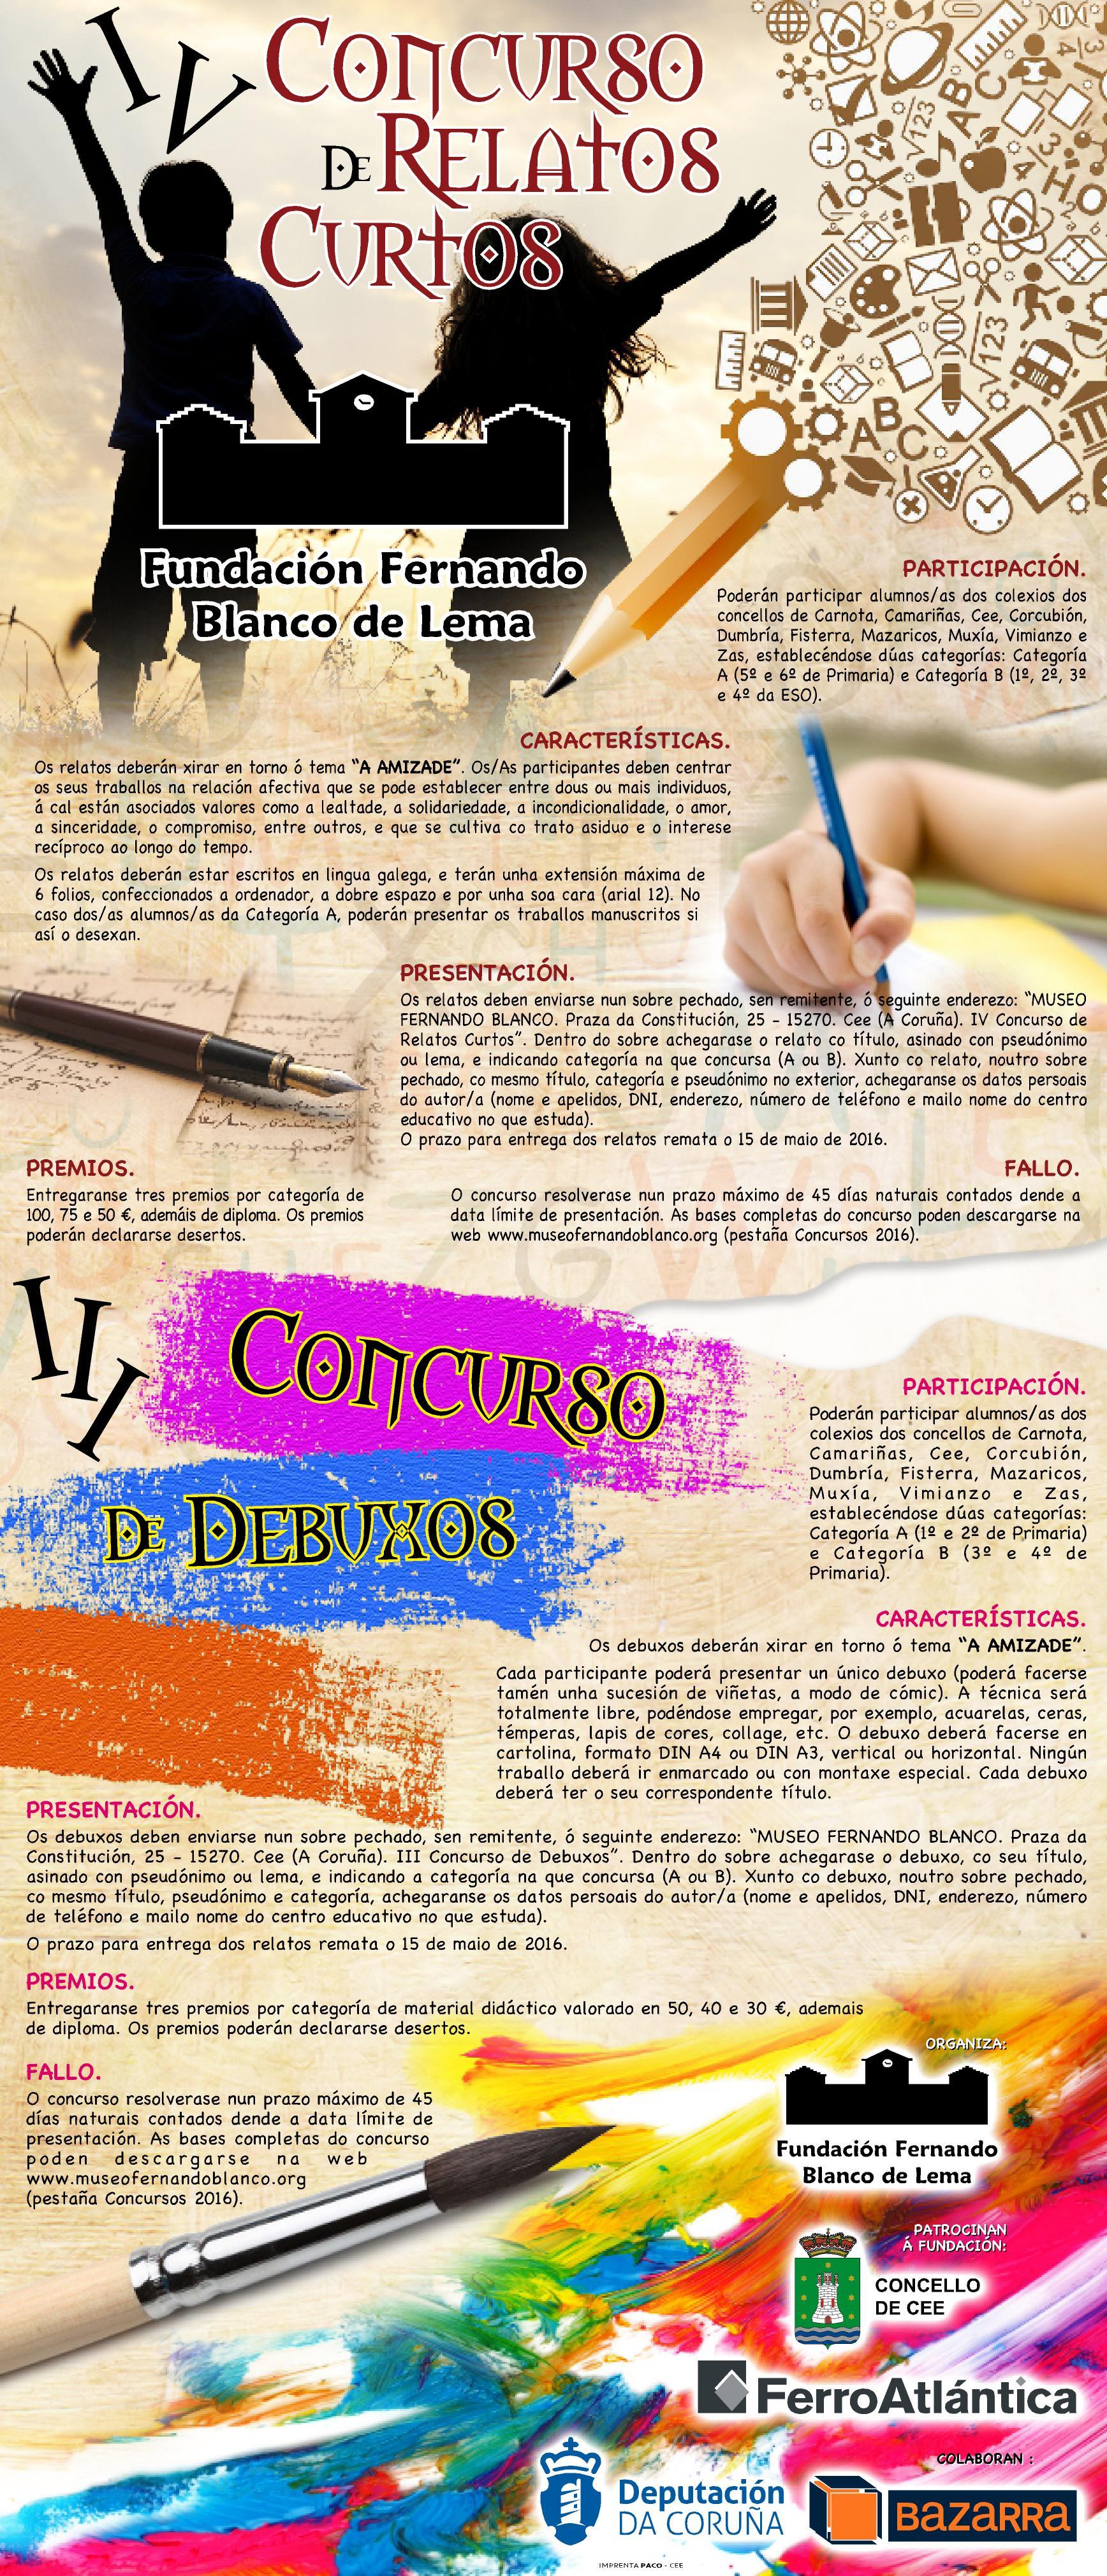 III CONCURSO DEBUXOS - IV CONCURSO RELATOS